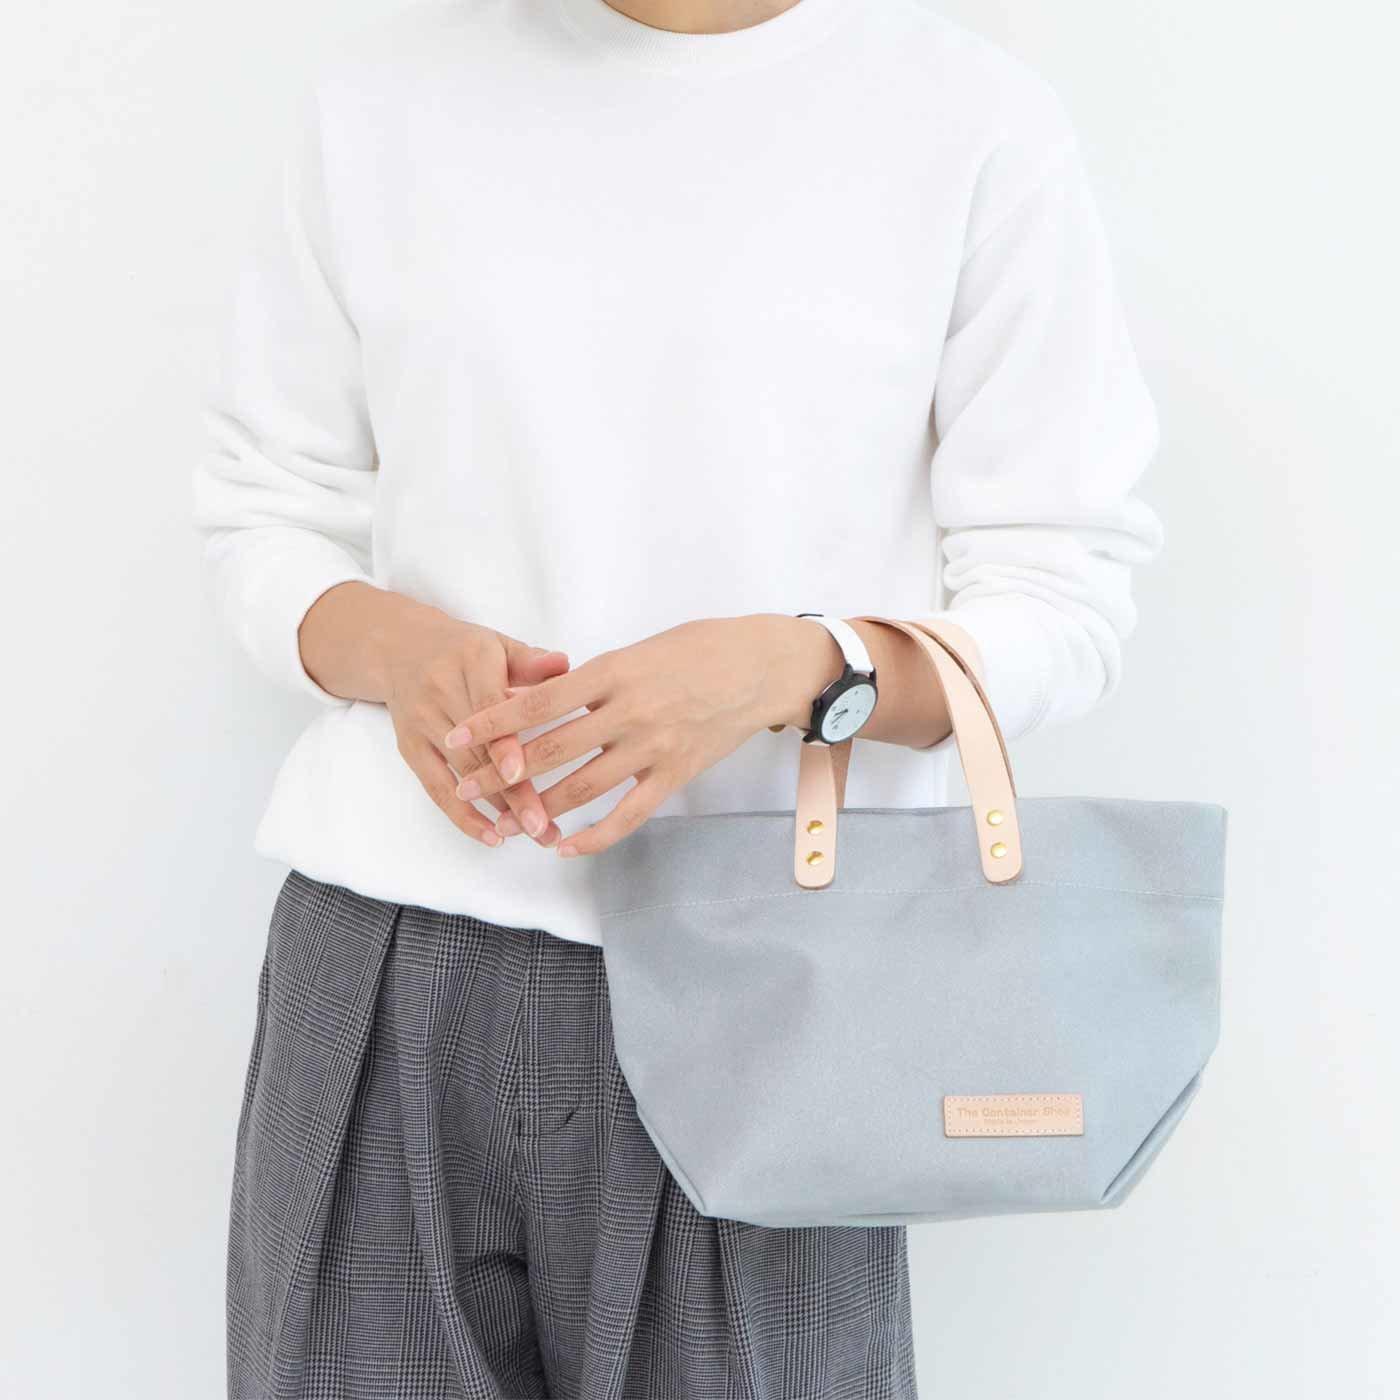 UP.de デイリーサイズがうれしい 日本製のカラー帆布 ショルダートートバッグ〈シルバー〉